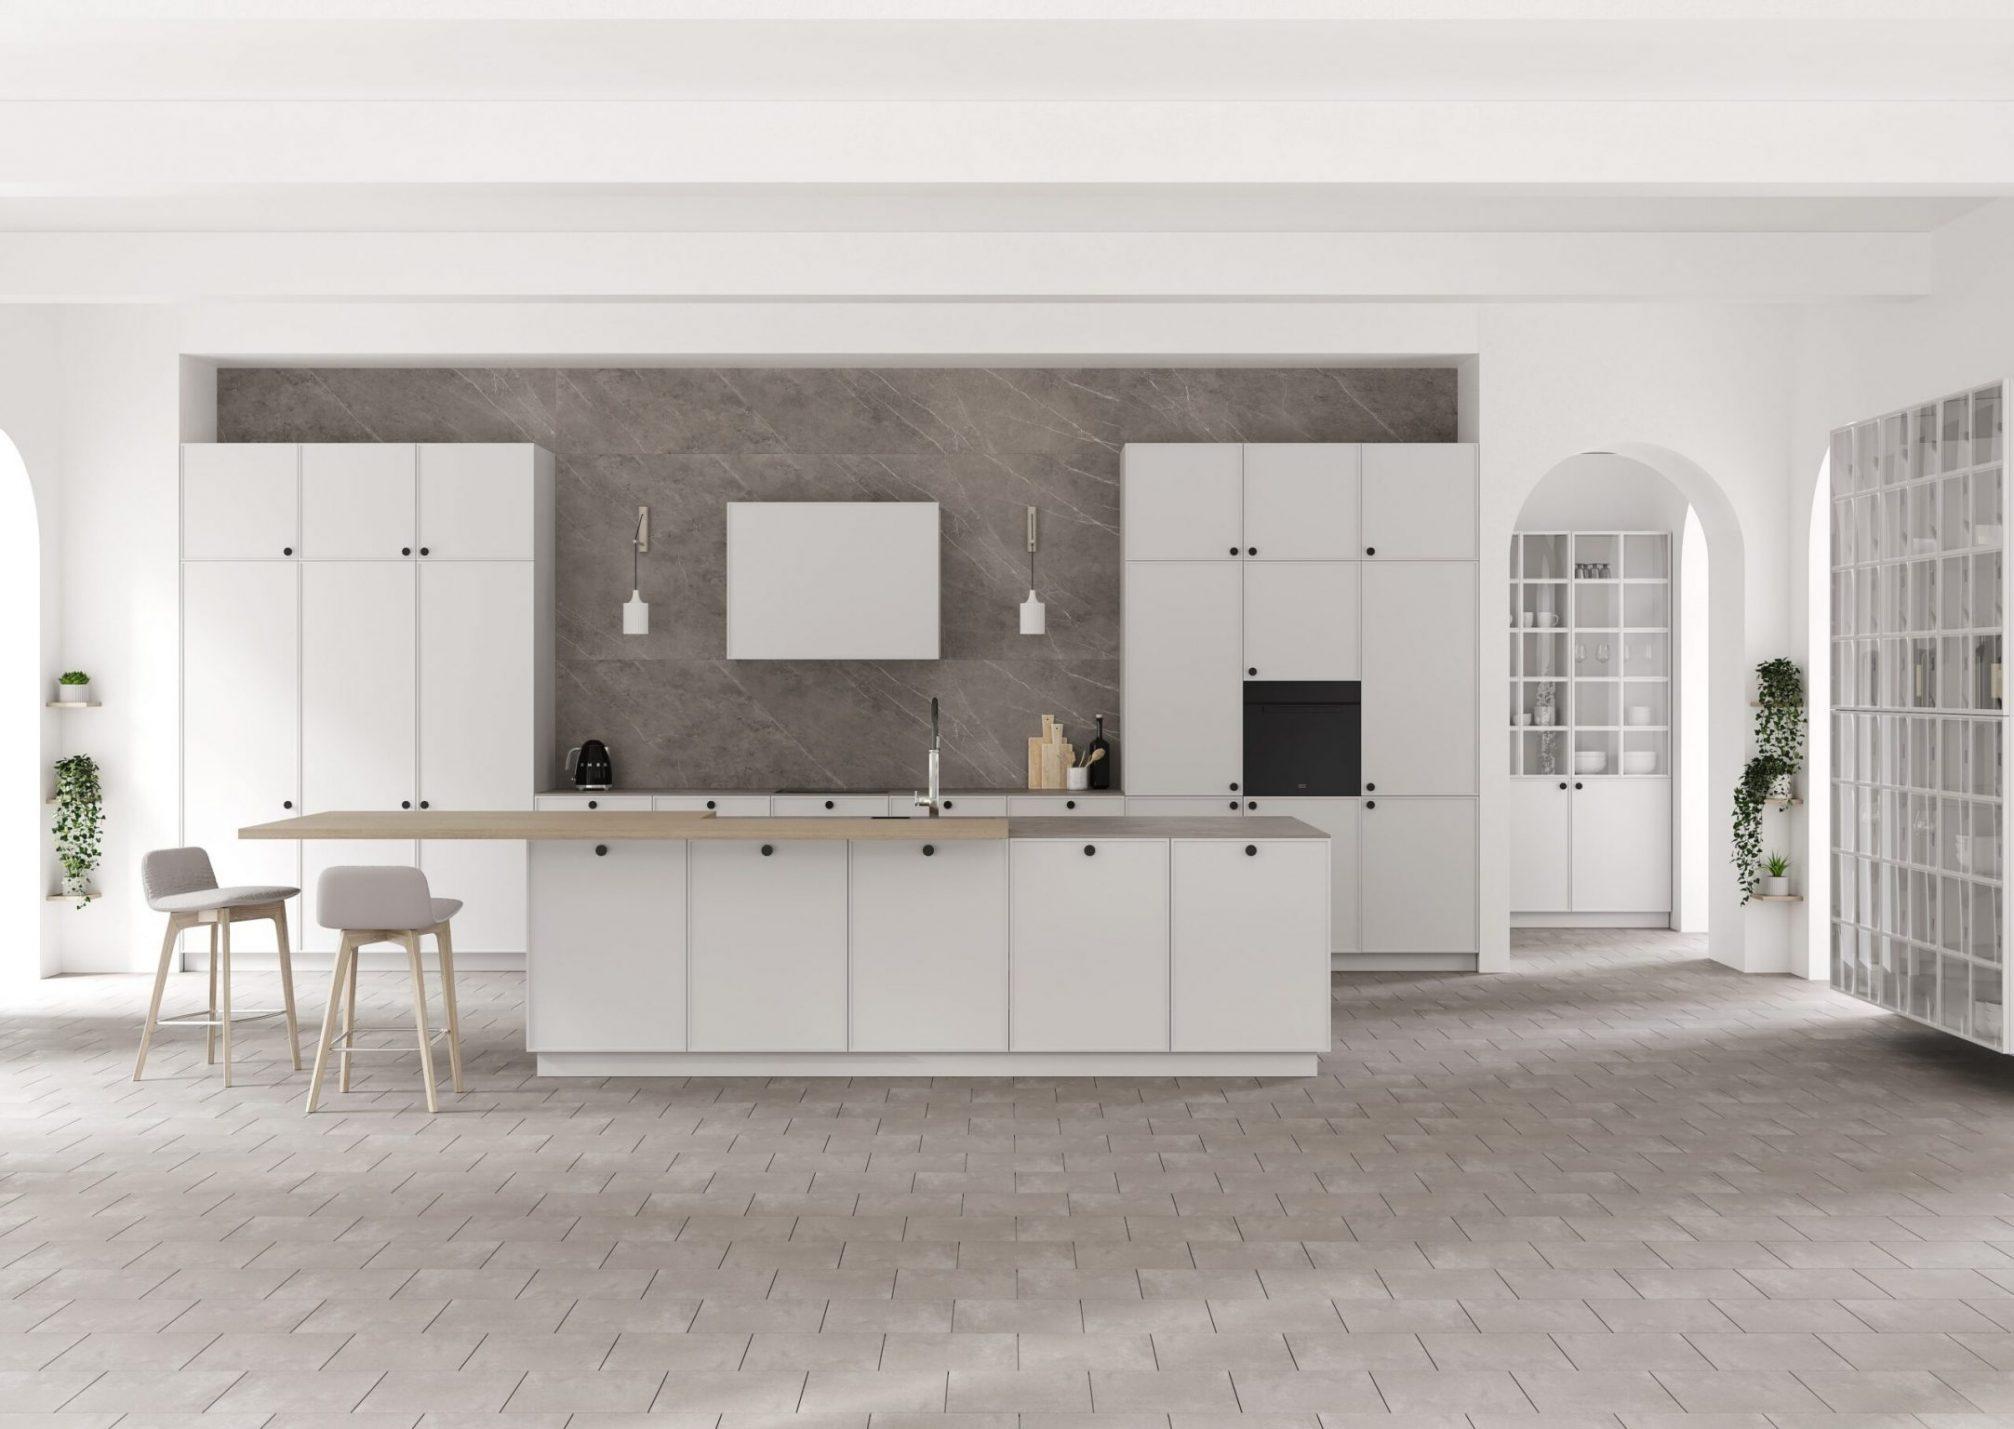 kitchen_studio_twelve_1-scaled